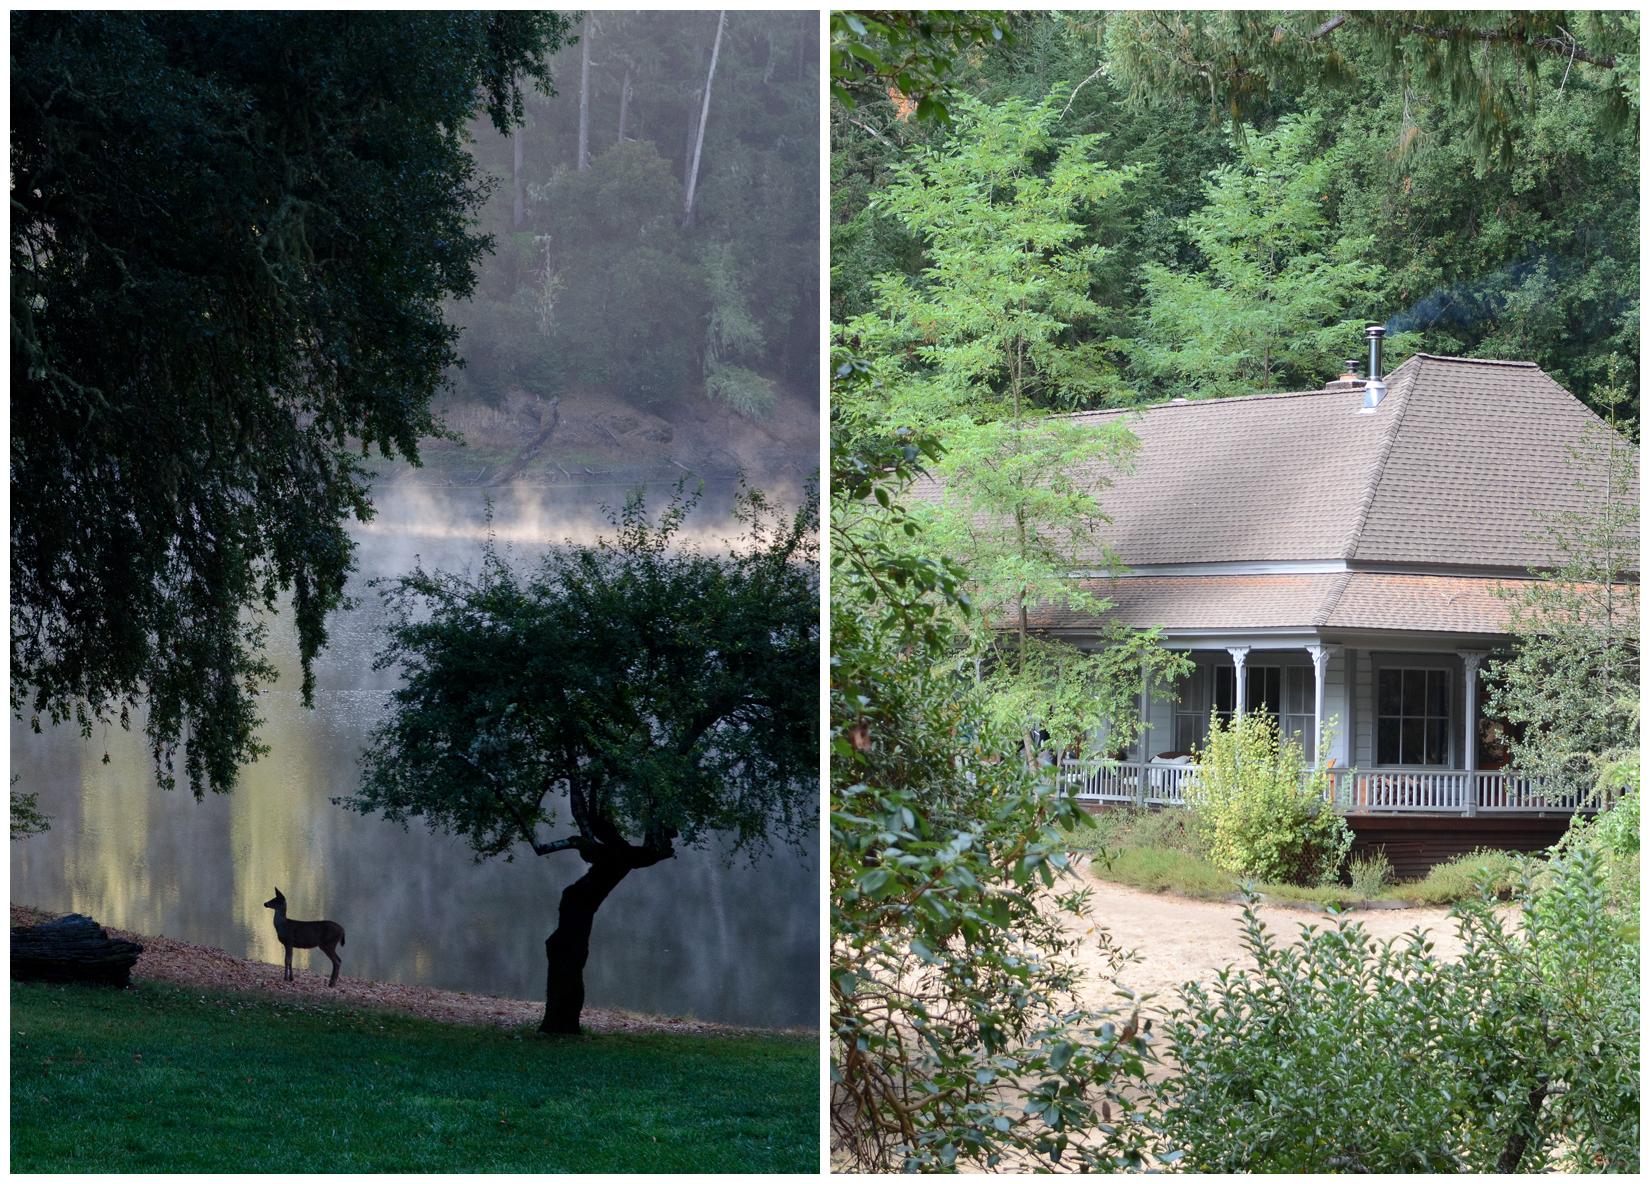 LakeLeonard_house.jpg